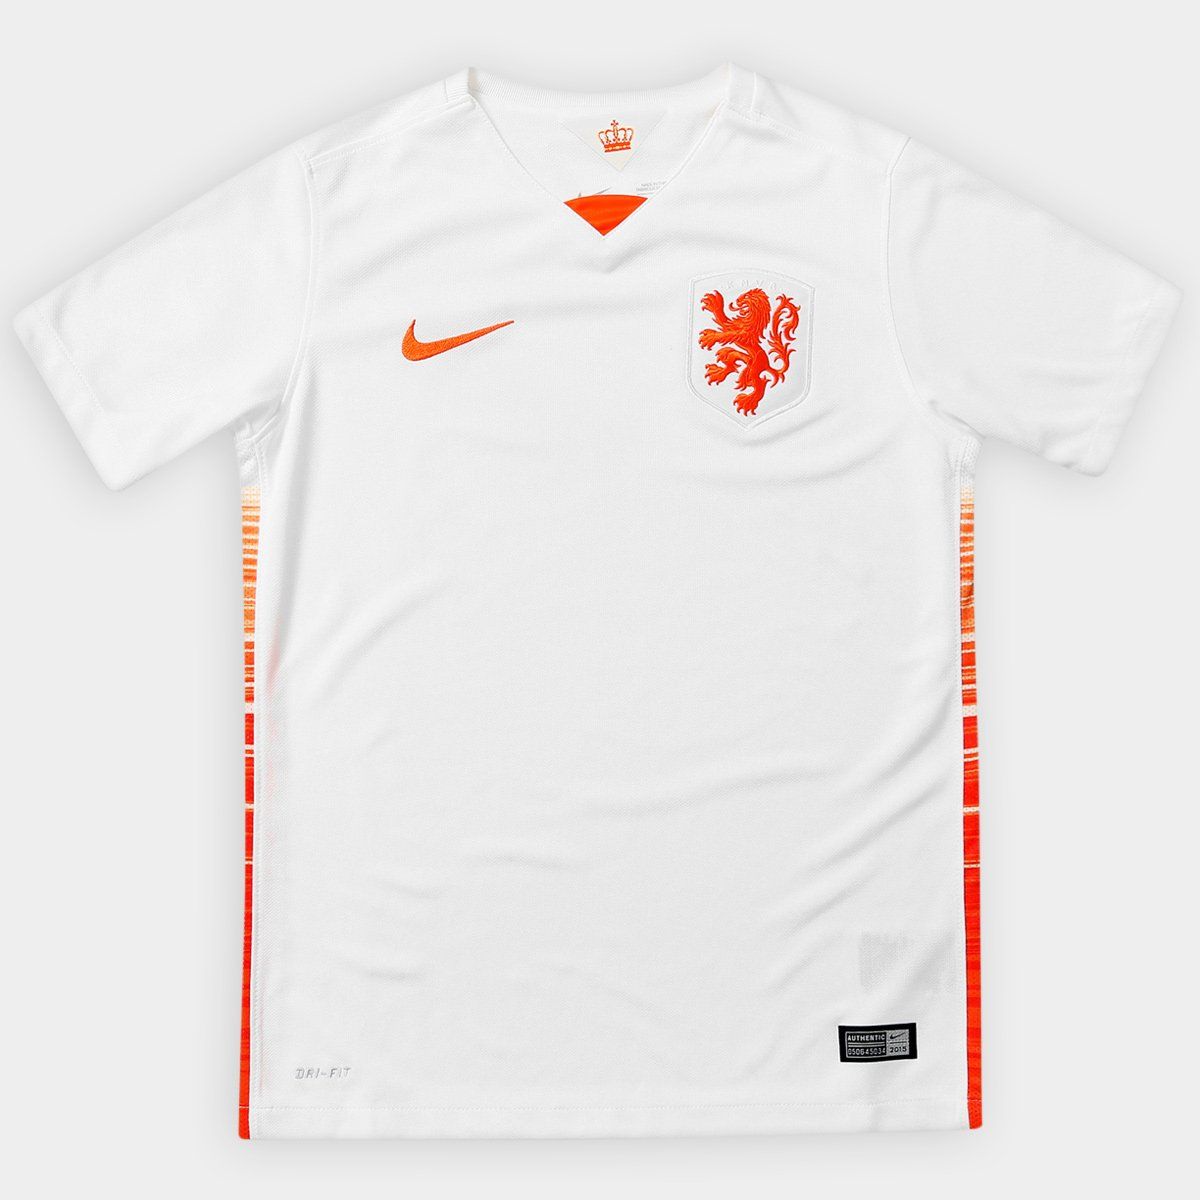 Camisa Nike Seleção Holanda Away 15 16 s nº Infantil - Compre Agora ... 7c2a70040f1bb